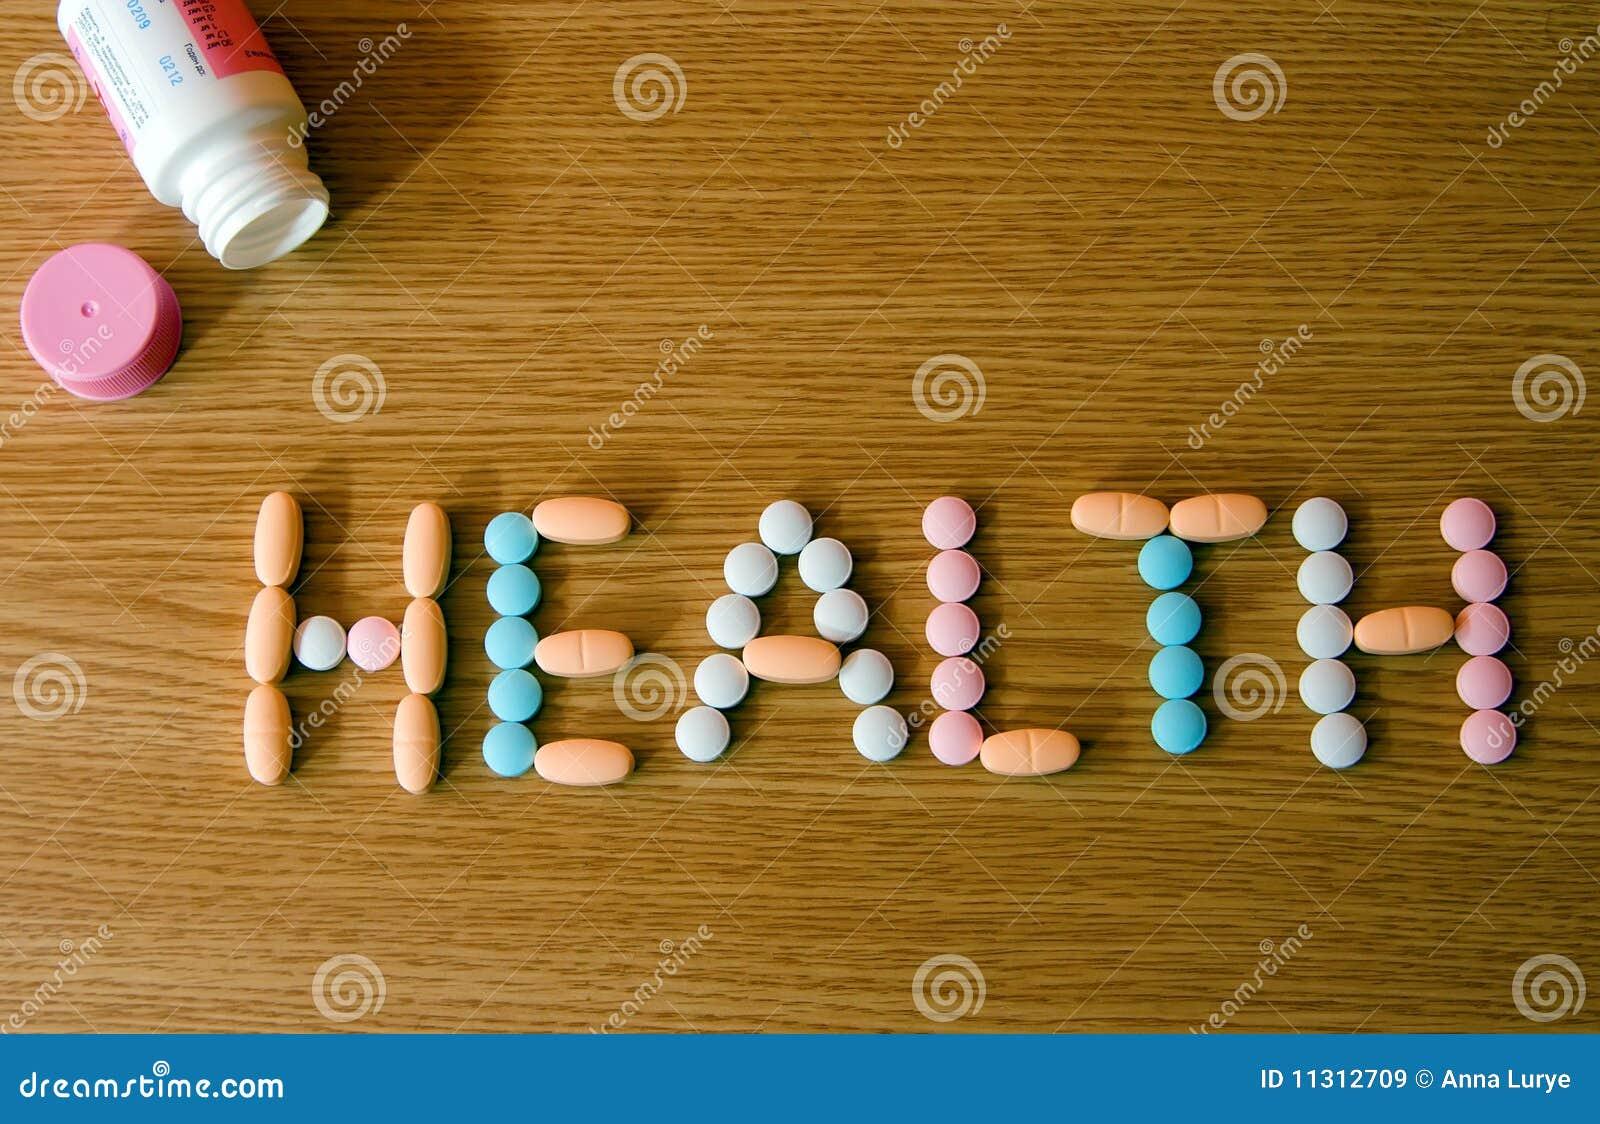 Gesundheit - 2